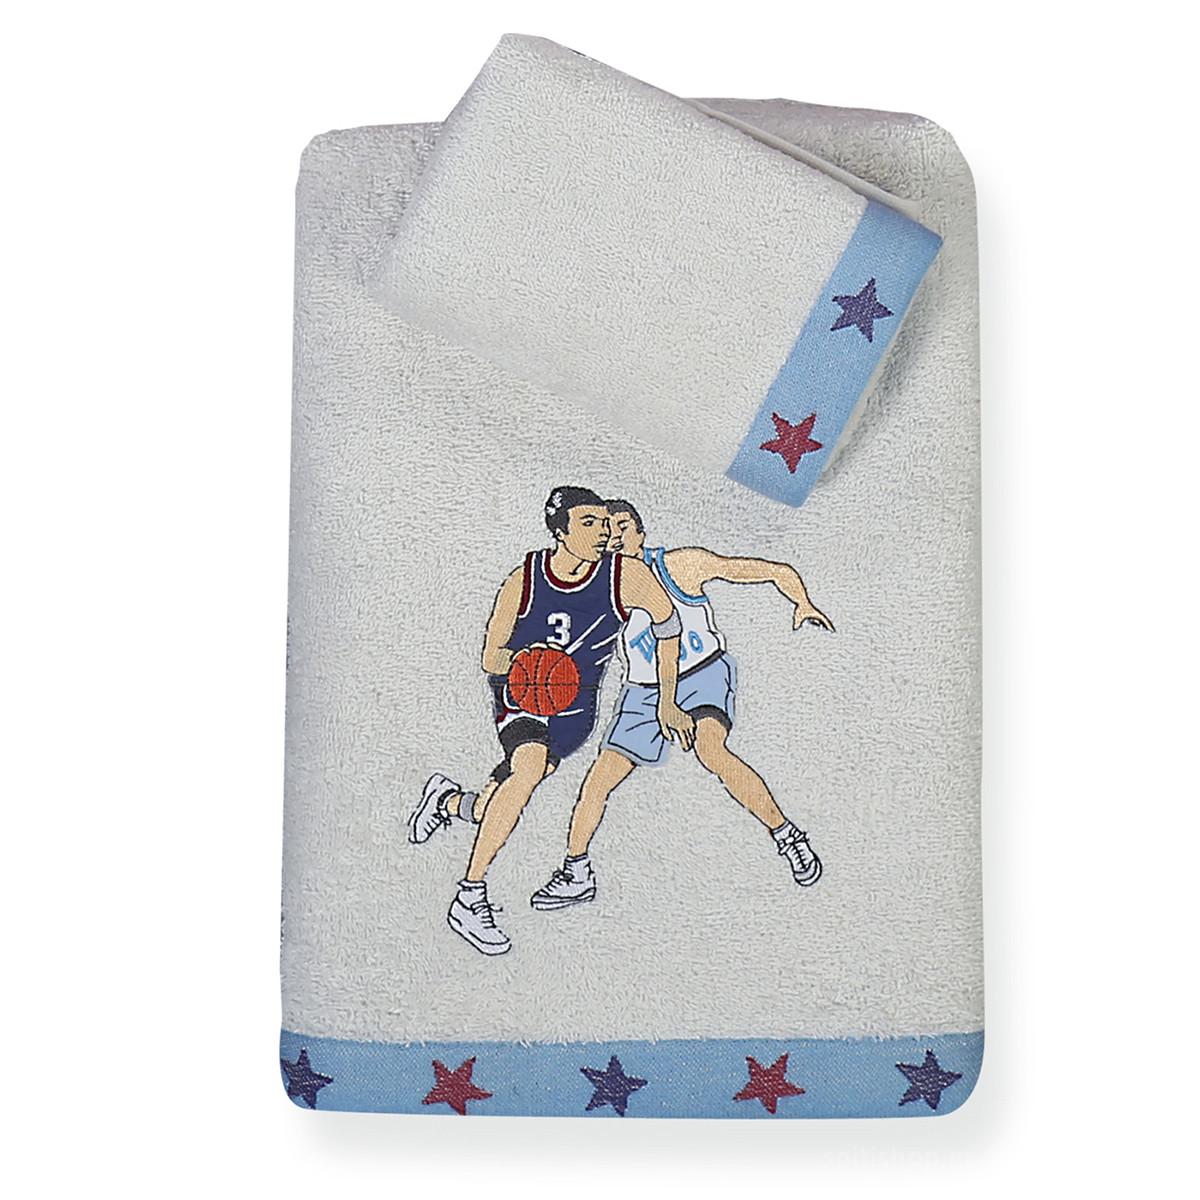 Παιδικές Πετσέτες (Σετ 2τμχ) Nef-Nef Junior Basketball home   παιδικά   πετσέτες παιδικές